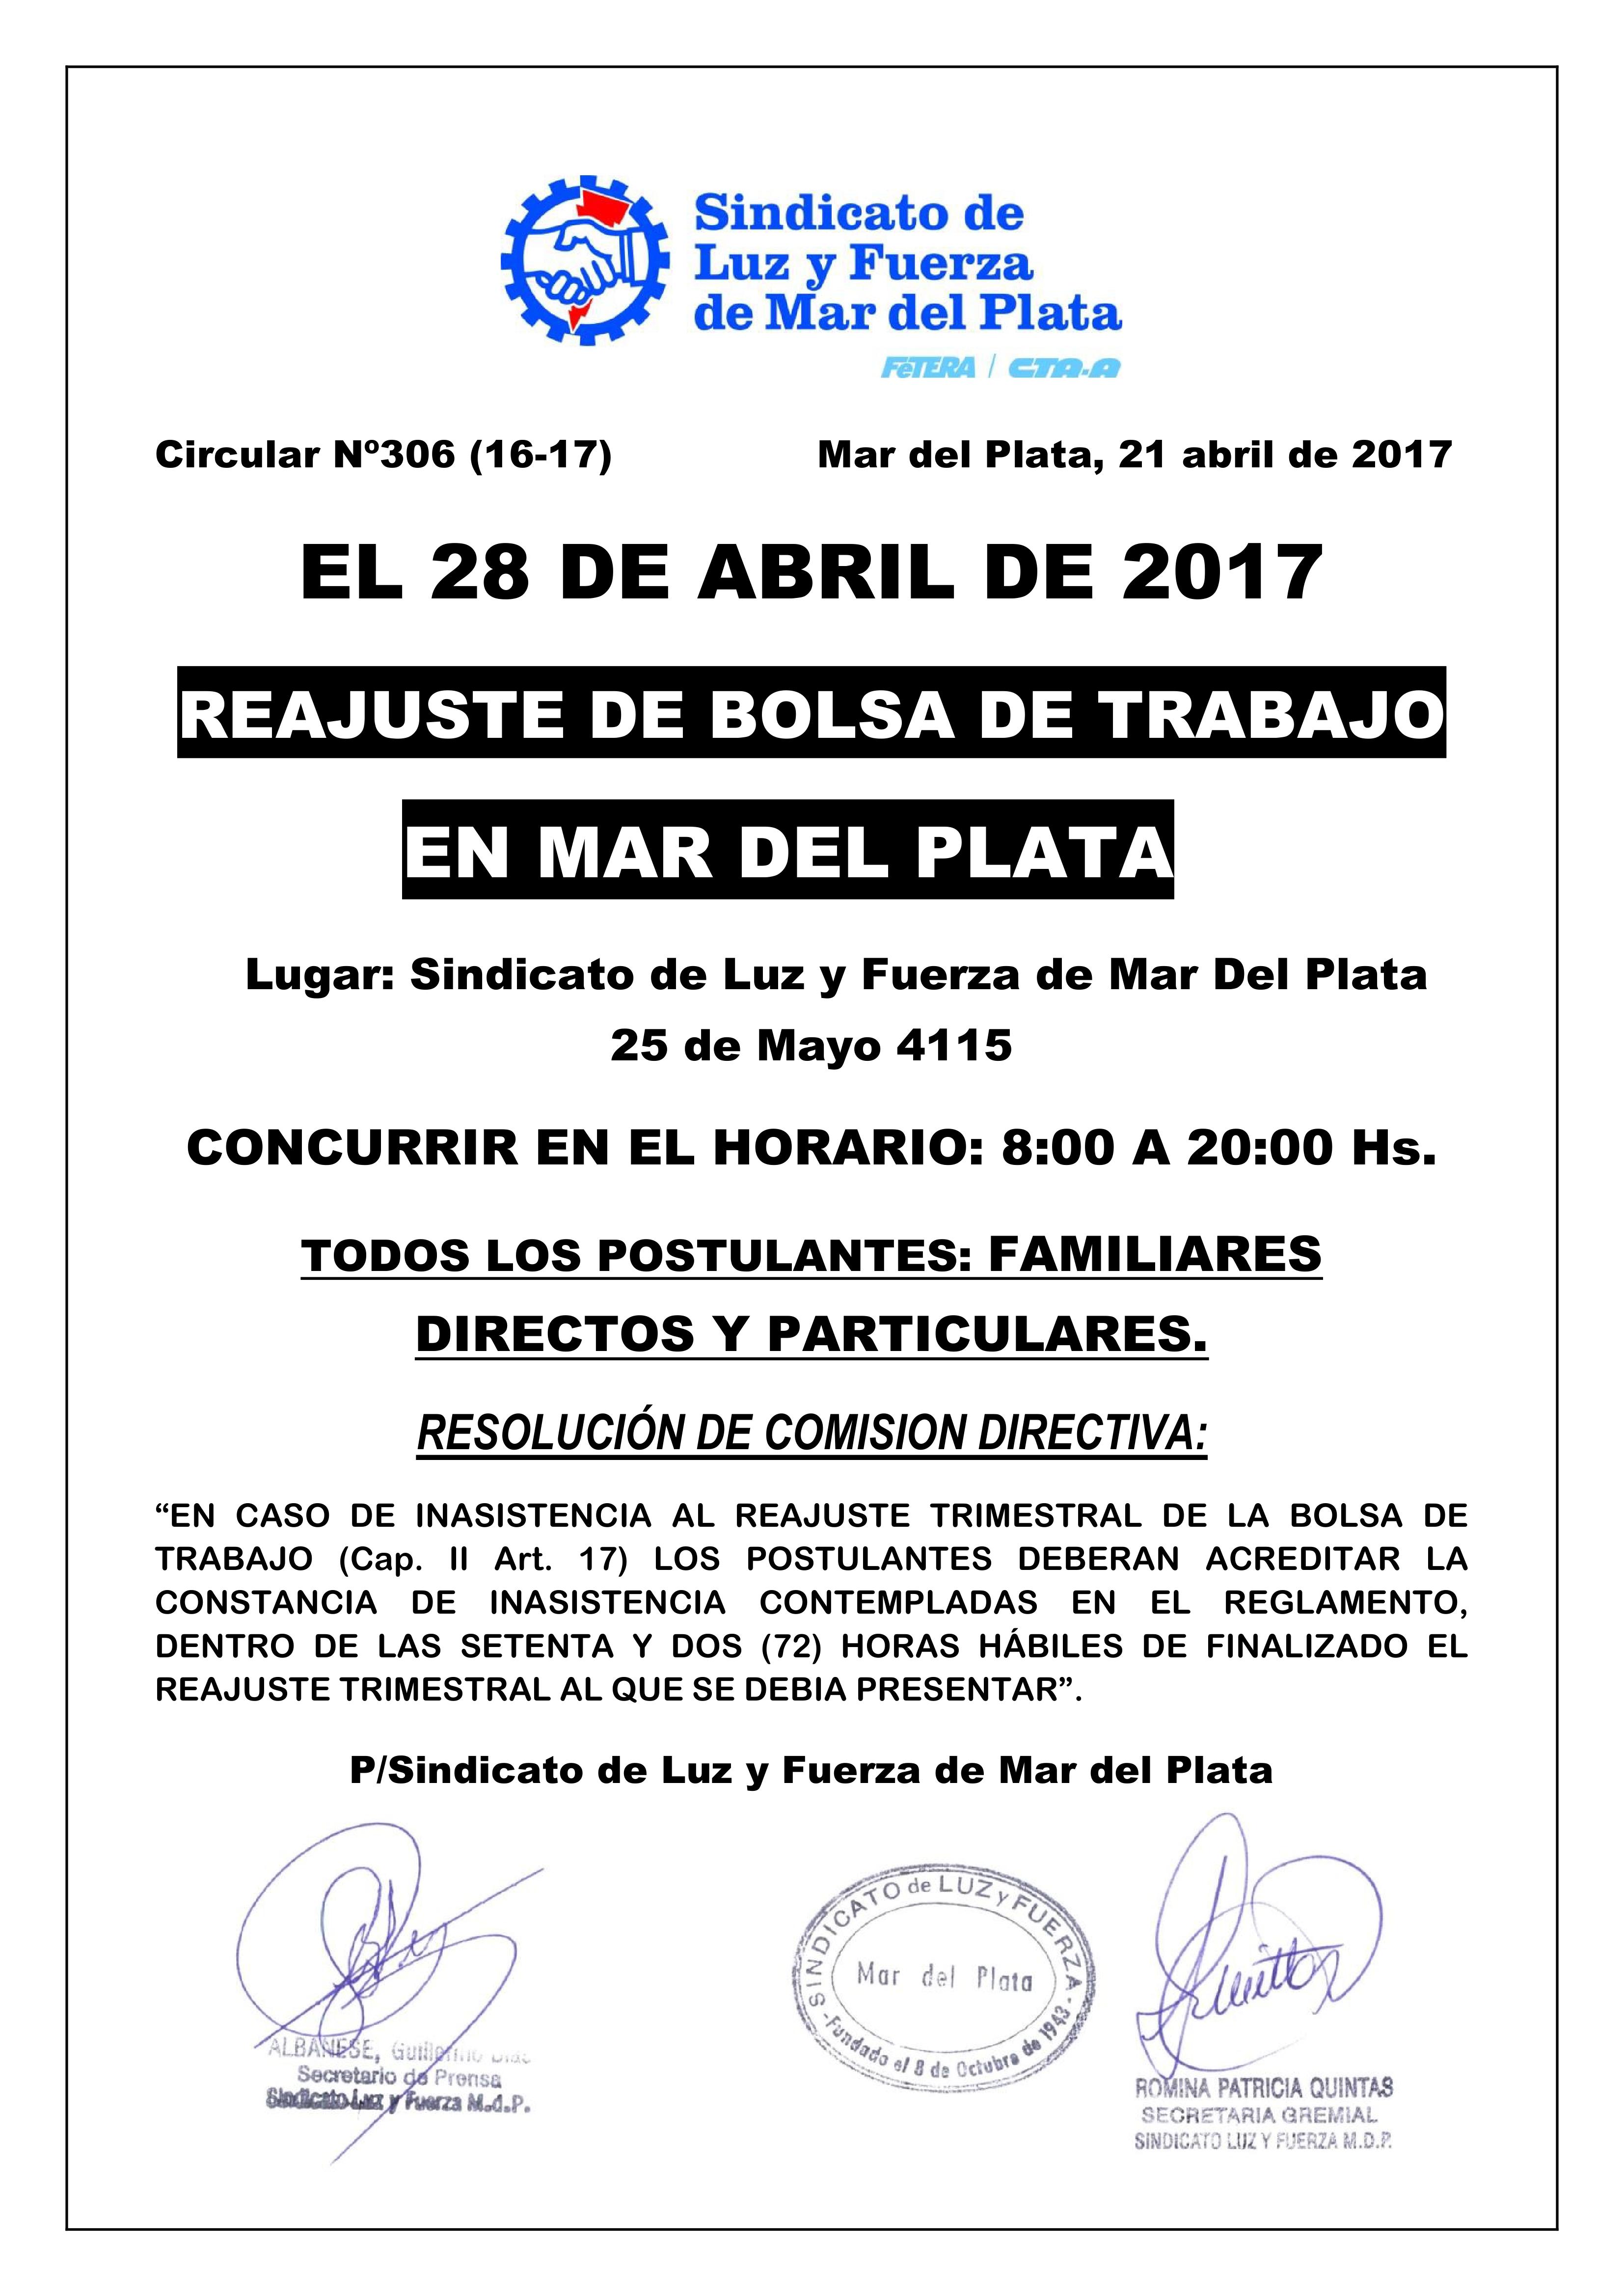 28 DE ABRIL DE 2017: REAJUSTE DE BOLSA DE TRABAJO EN MAR DEL PLATA